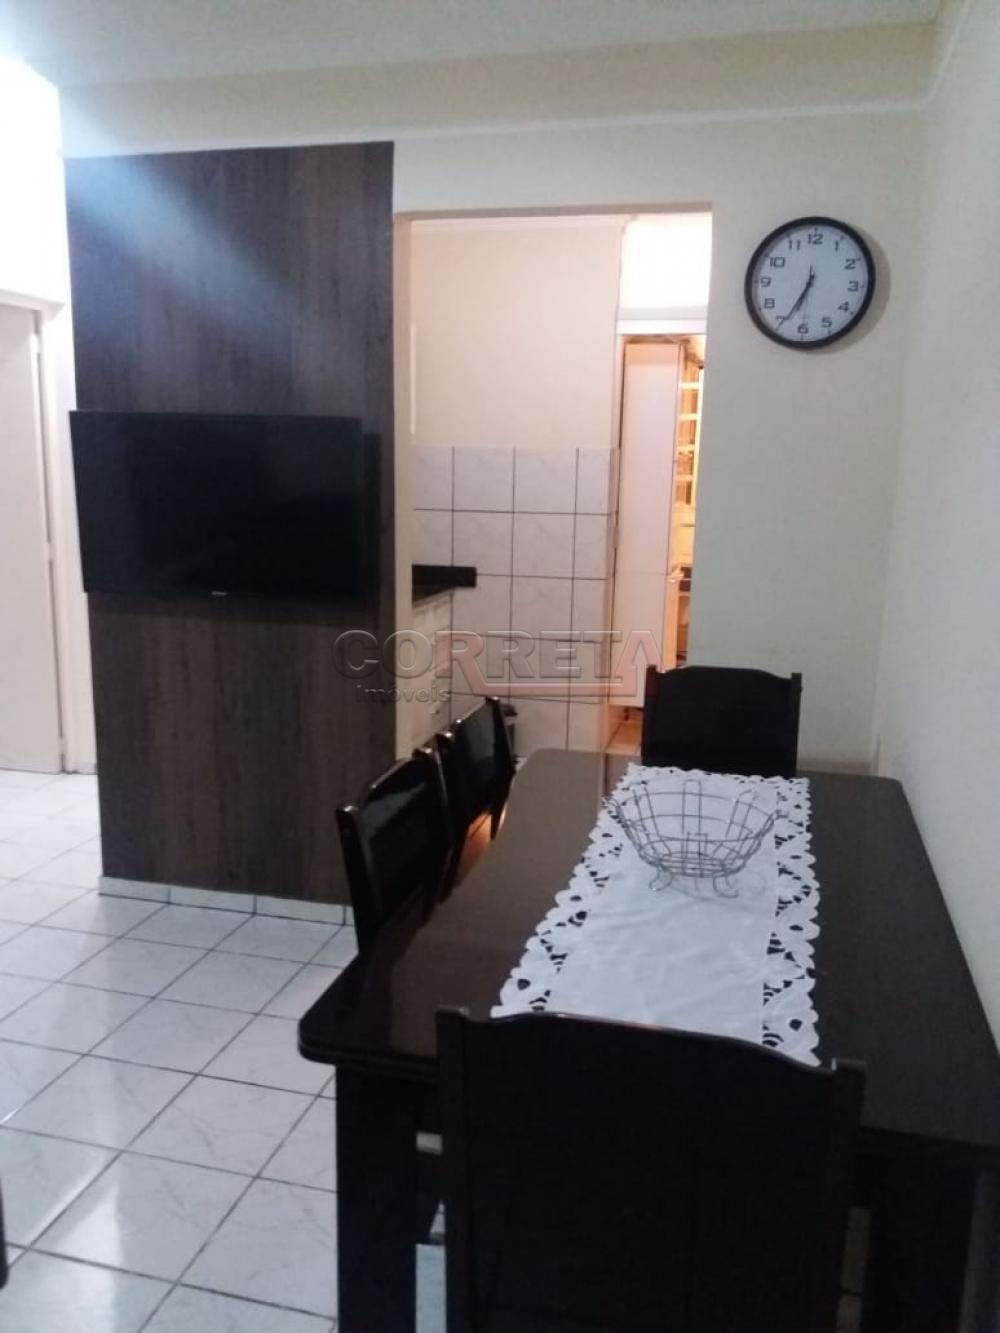 Comprar Apartamento / Padrão em Araçatuba R$ 110.000,00 - Foto 4